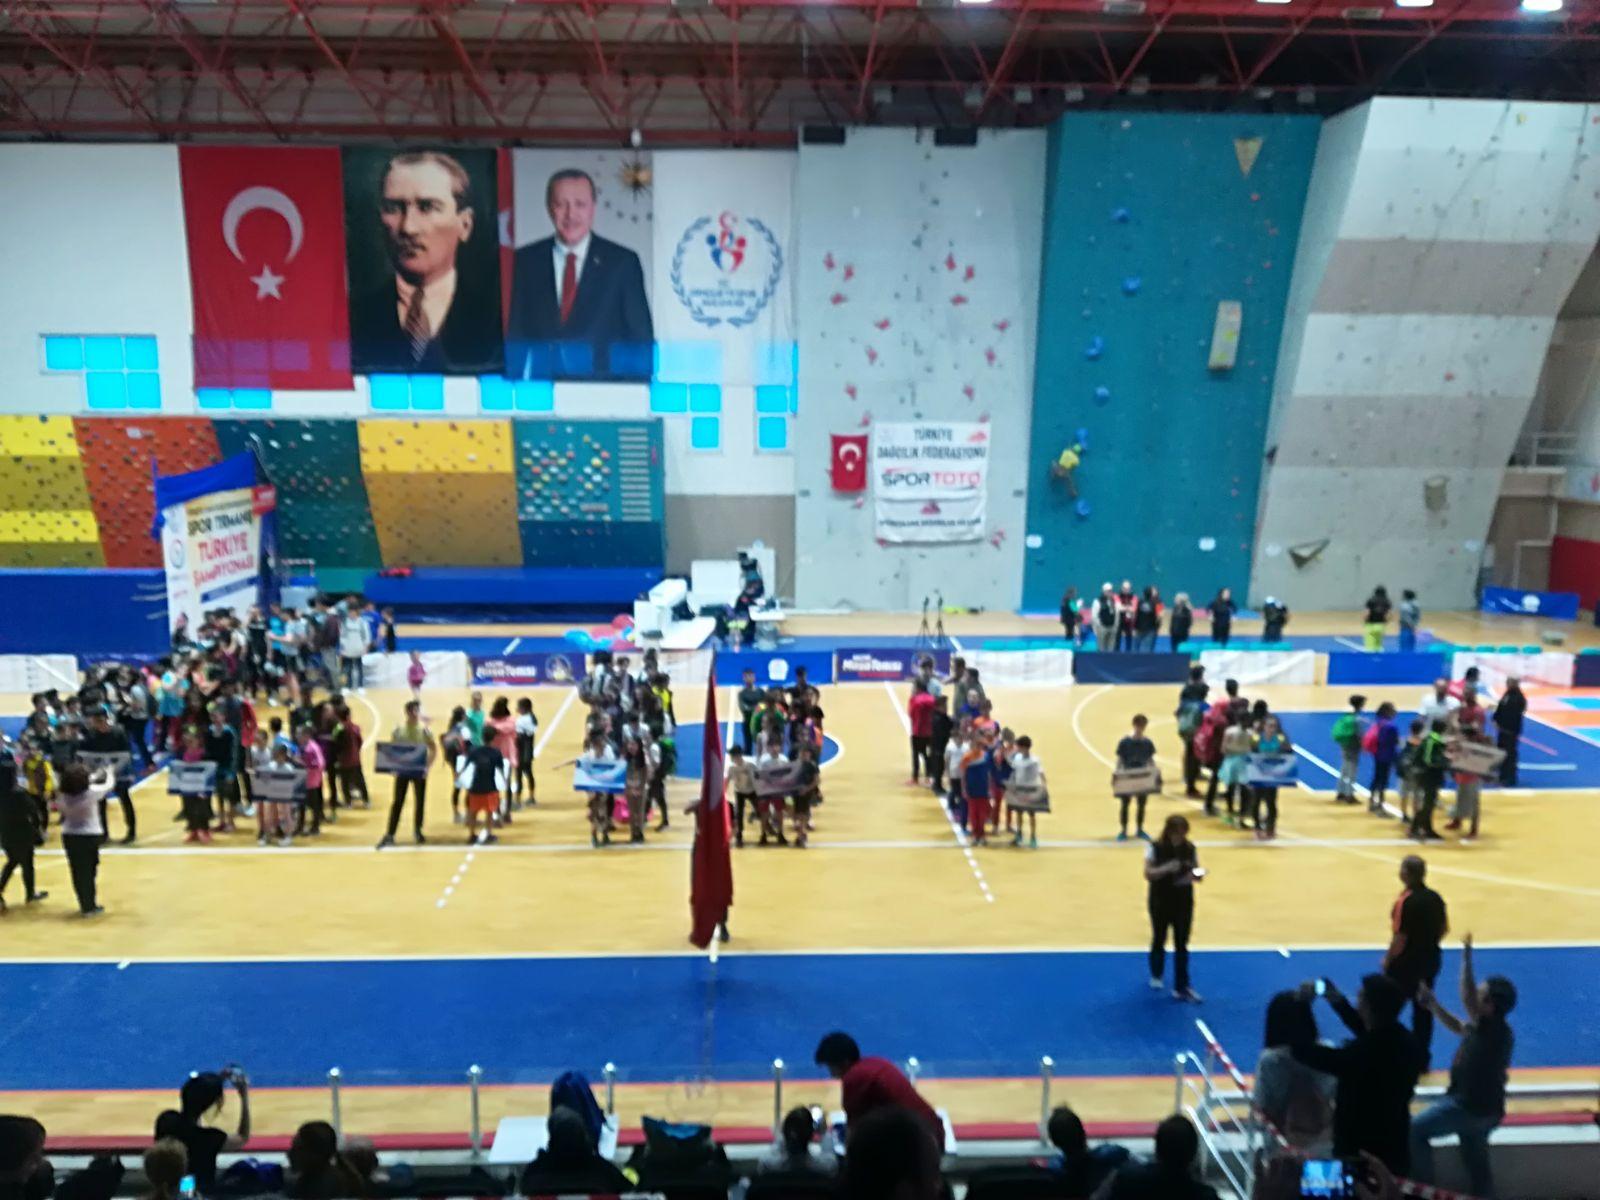 Spor Tırmanış Minikler, Küçükler Lider Türkiye Şampiyonası Finalleri 2. Ayak tamamlandı.